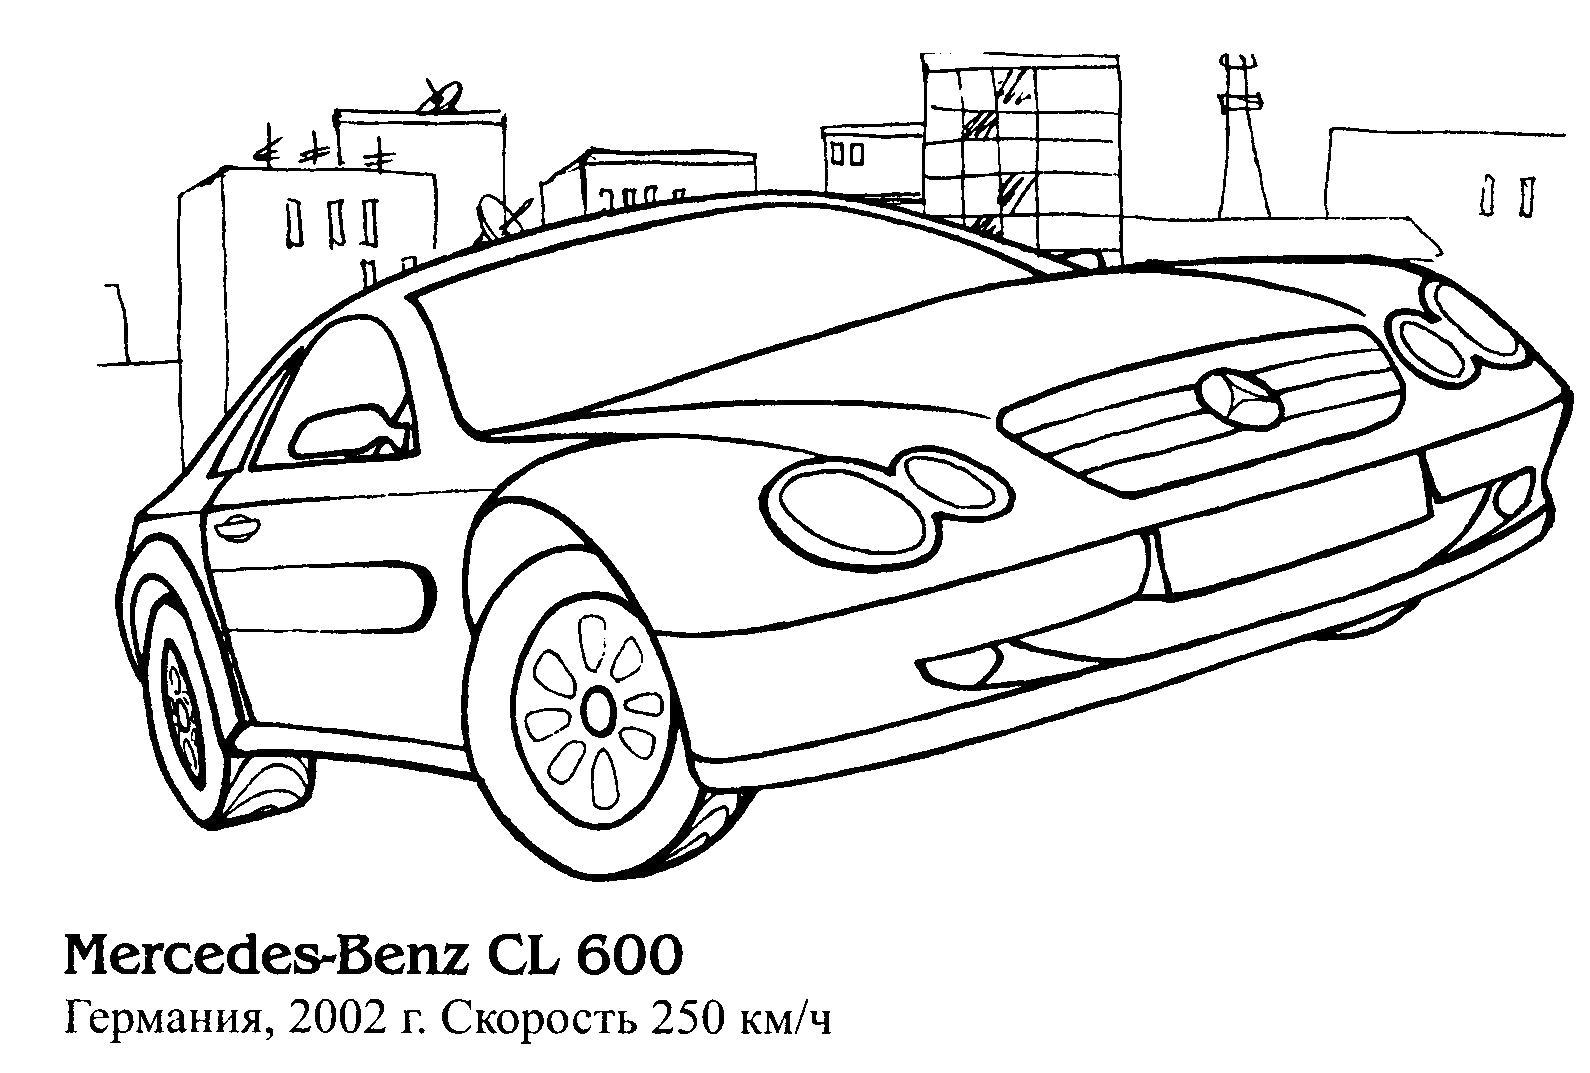 Раскраска Машина,  для мальчиков, Мерседес Бенз СЛ 600, Мерседес Бенз С класс. Скачать машины.  Распечатать машины